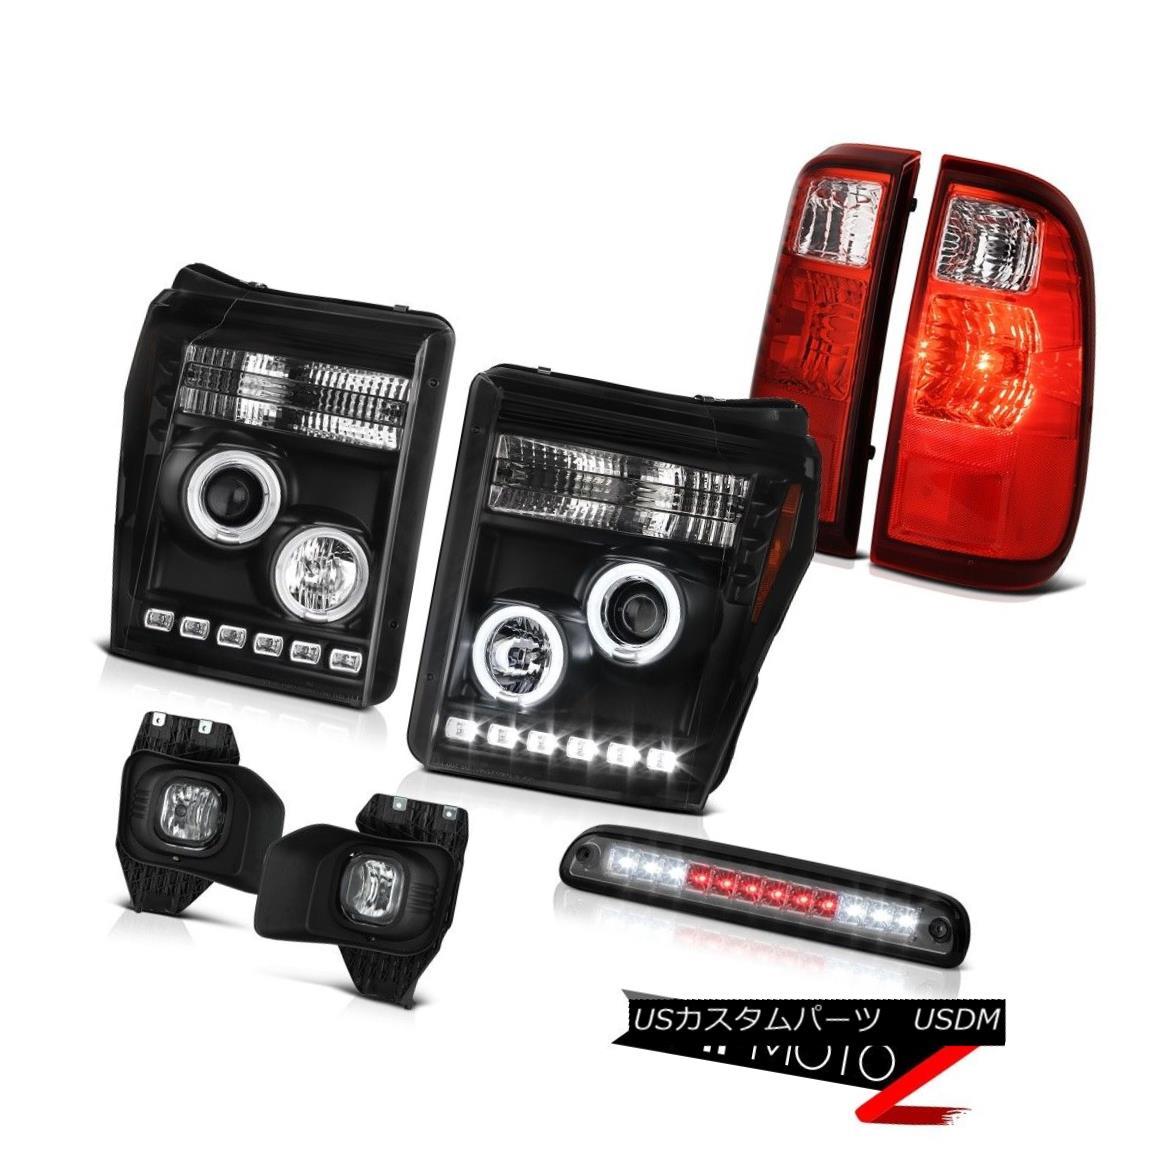 ヘッドライト 2011-2016 F350 6.7L 3RD Brake Light Fog Lights Red Rear Inky Black Headlights 2011-2016 F350 6.7L 3RDブレーキライトフォグライトレッドリアインキブラックヘッドライト